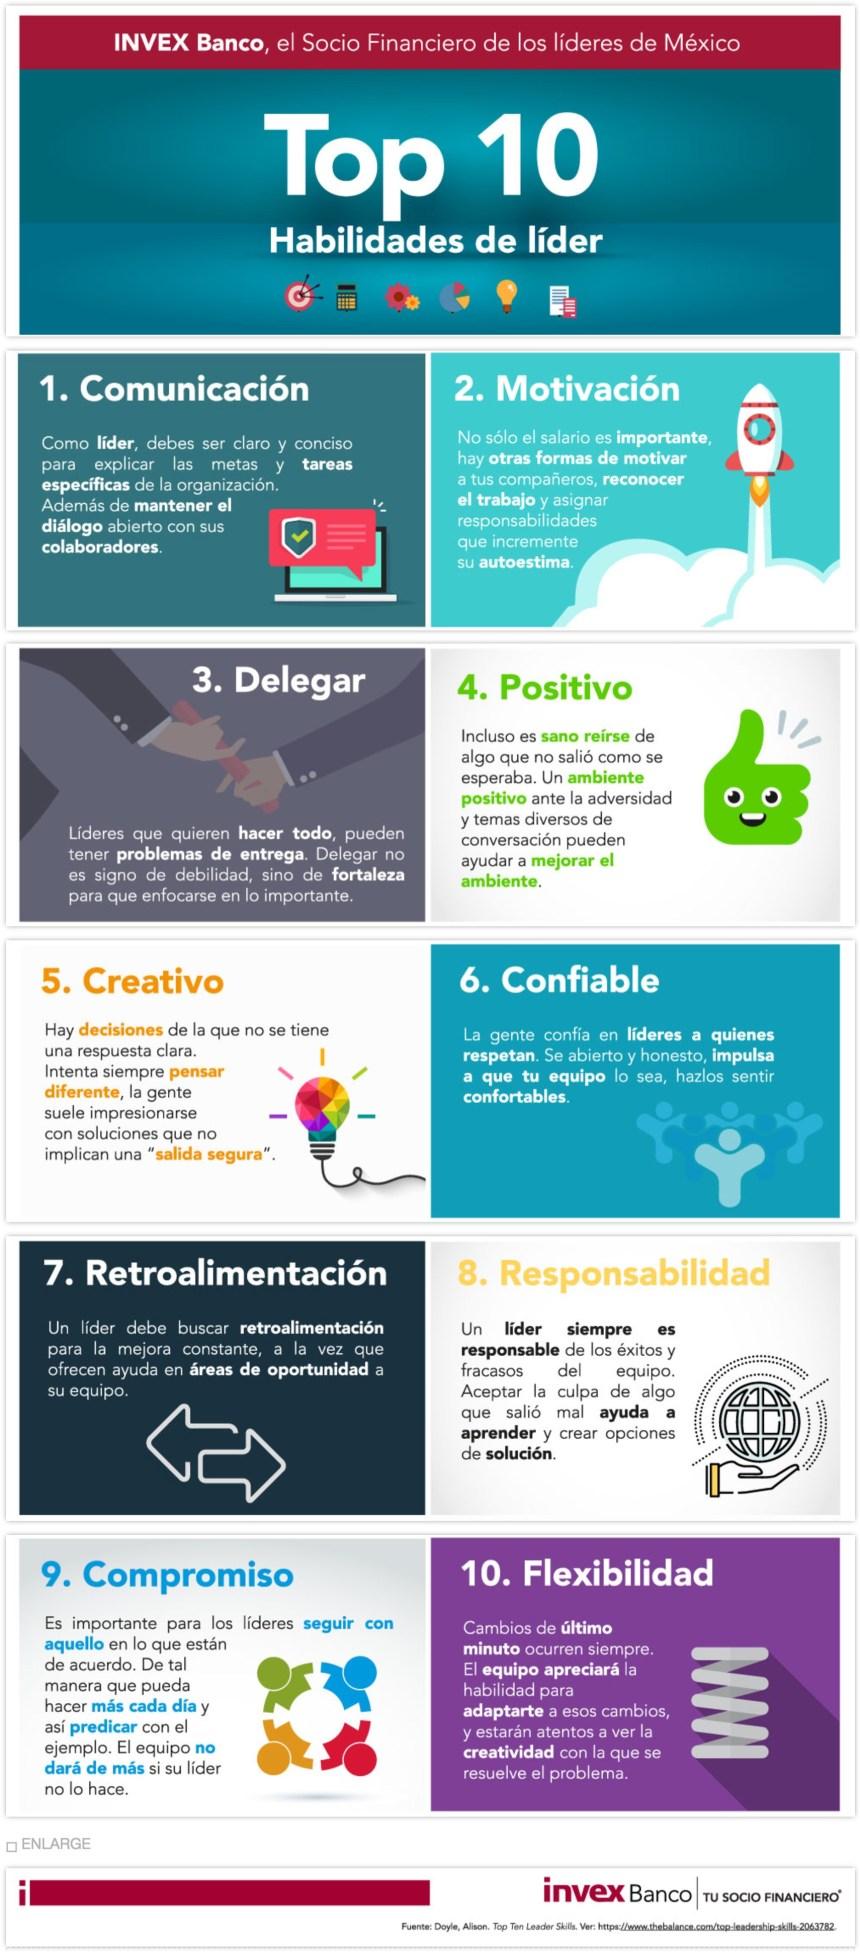 Top 10 habilidades del líder